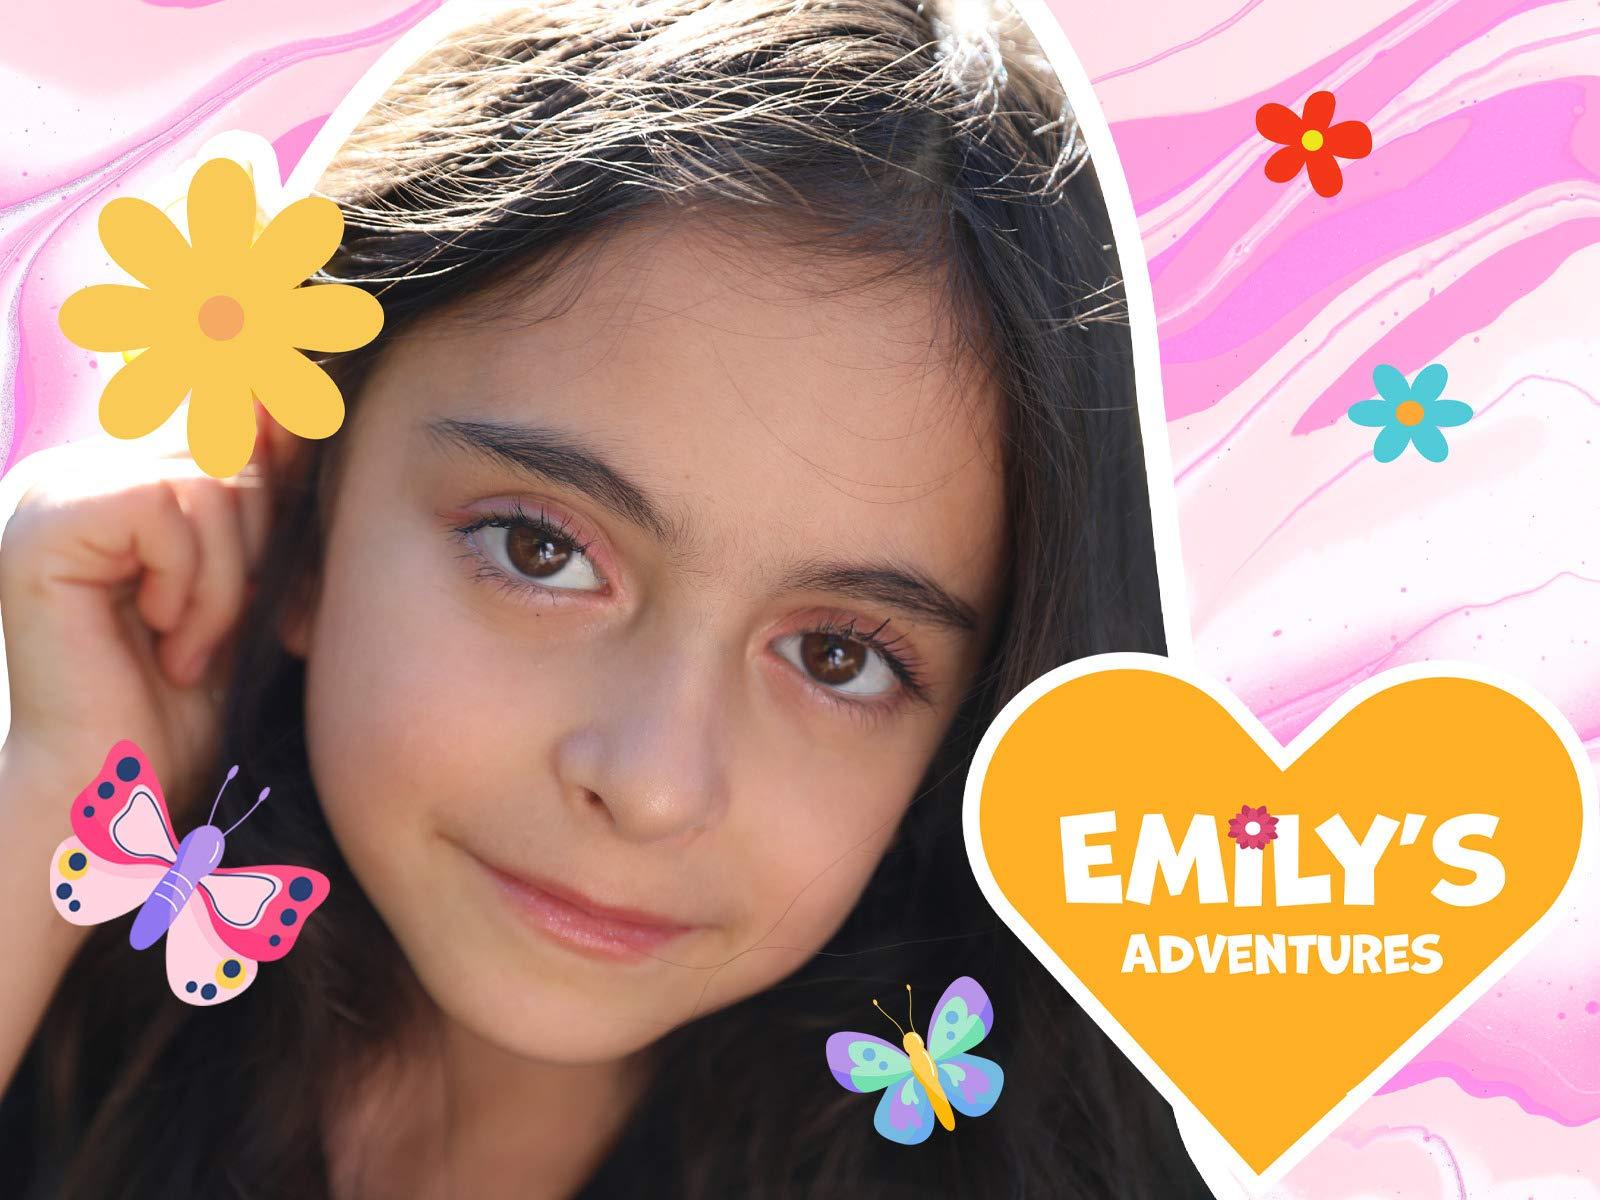 Emily's Adventures